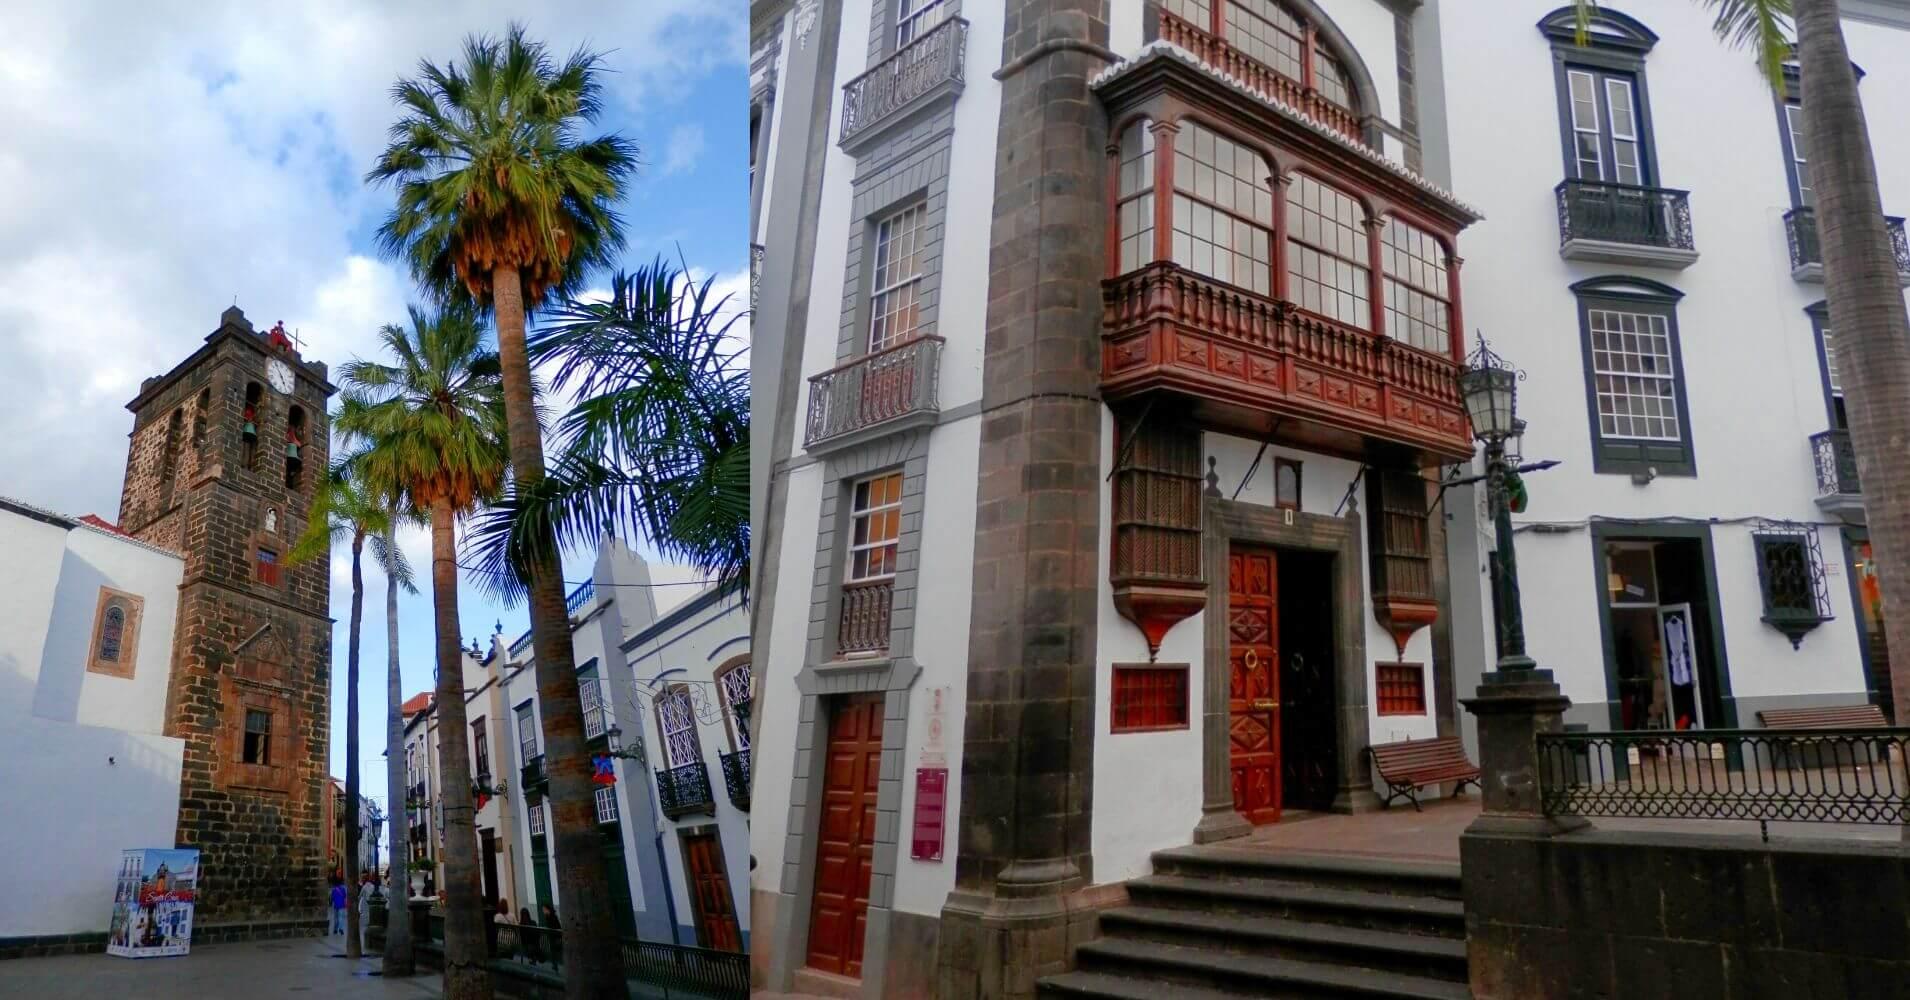 Iglesia de San Salvador y Casa Señorial Calle O' Daly. La Palma a Ritmo Lento. Santa Cruz de La Palma. Islas Canarias.